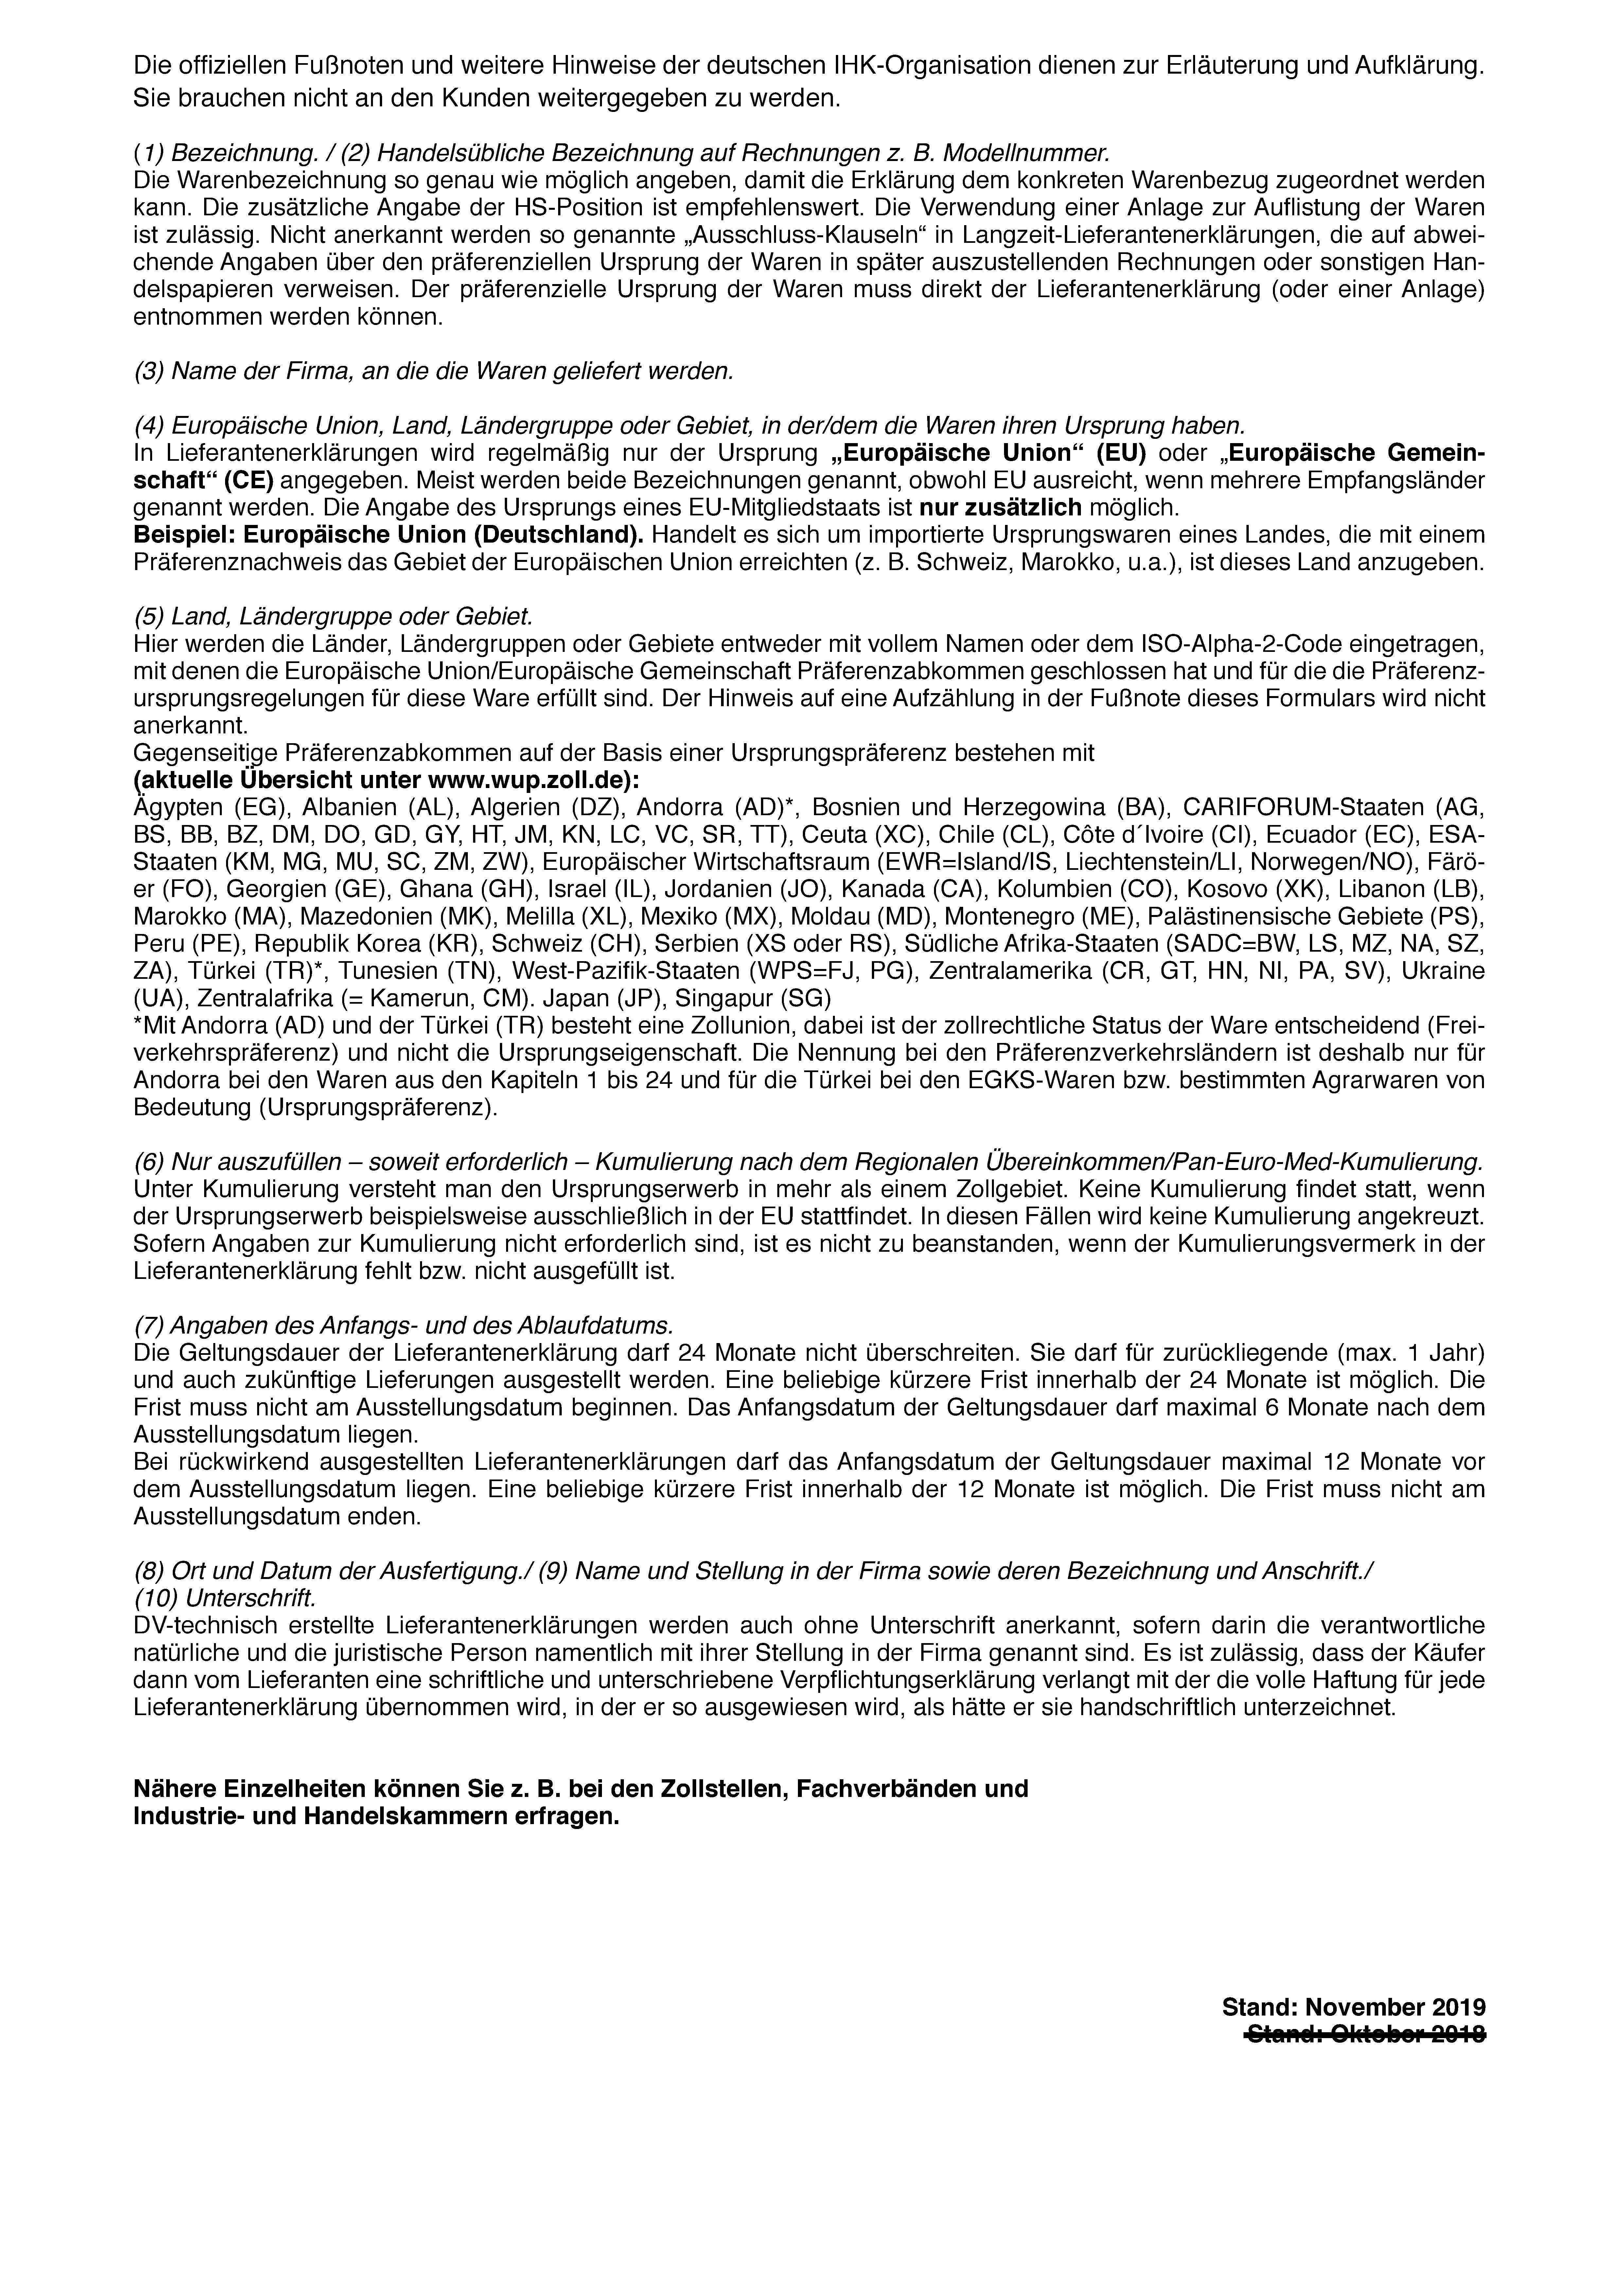 Lieferantenerklarung Langzeiterklarung Fur Waren Mit Praferenzursprungseigenschaft Stand November 2019 Vpe 100 Stuck 10046